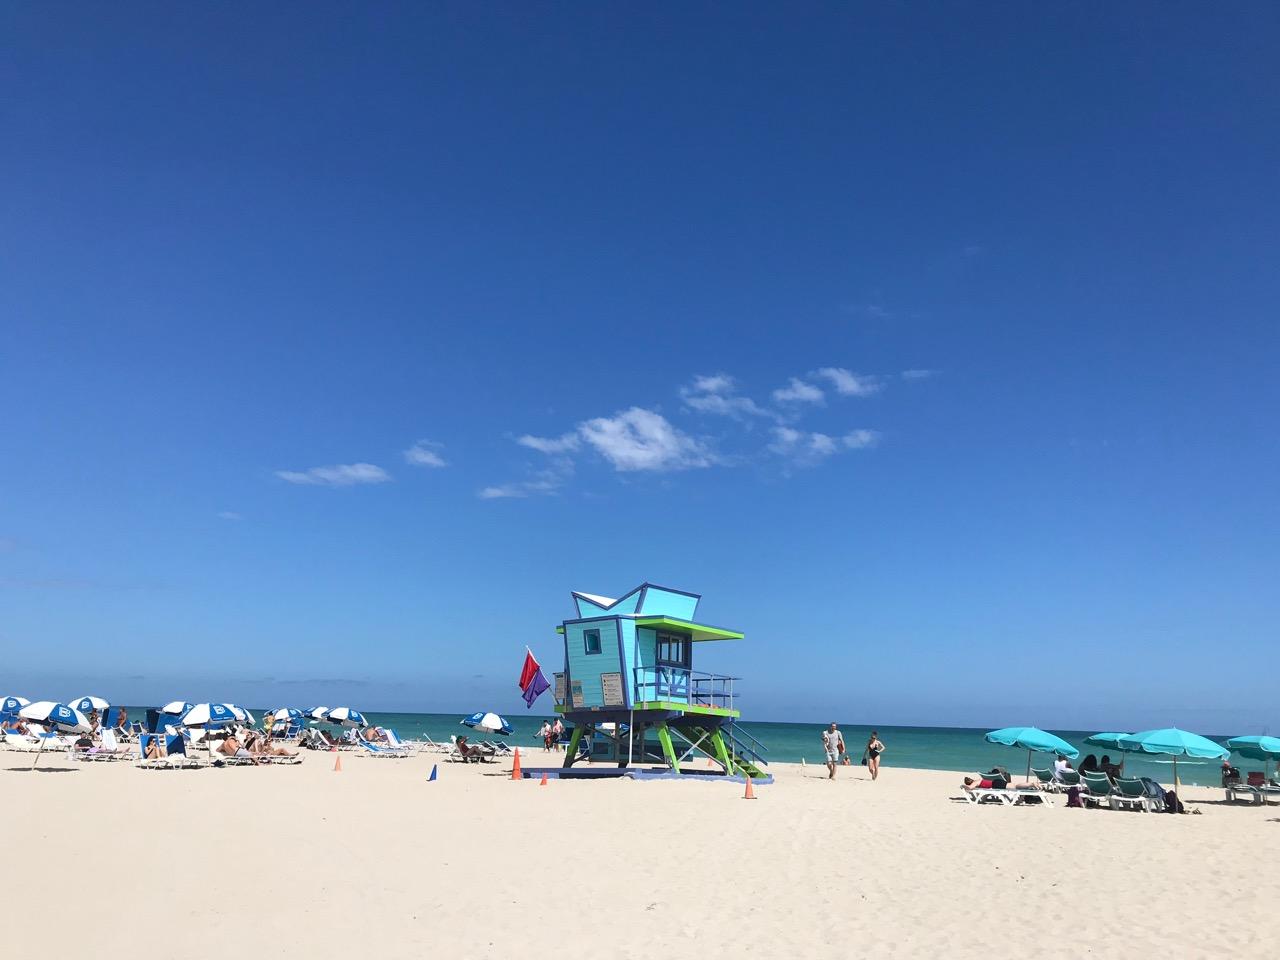 visiter miami en 3 jours jour 1 miami beach cabanes de plages sauveteurs lifeguard plage long week-end à Miami que faire en 3 jours à miami visiter Miami séjour a Miami vacances en Floride visite guidée en francais de Miami miami off road